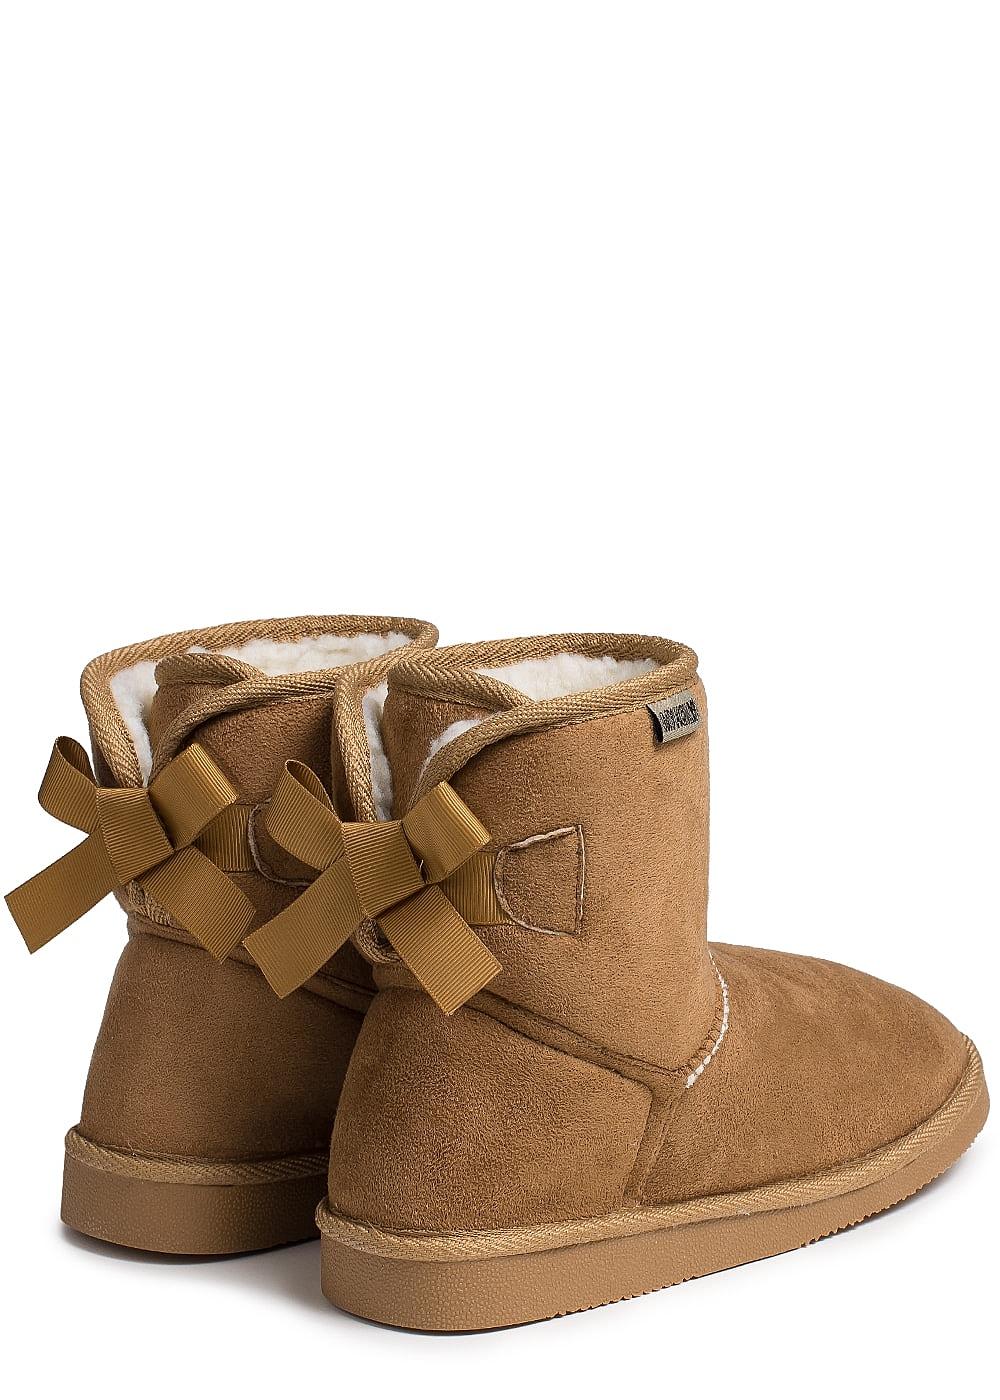 3075f7bce8ceea Hailys Damen Schuh Winter Boot Schleife hinten camel braun ...